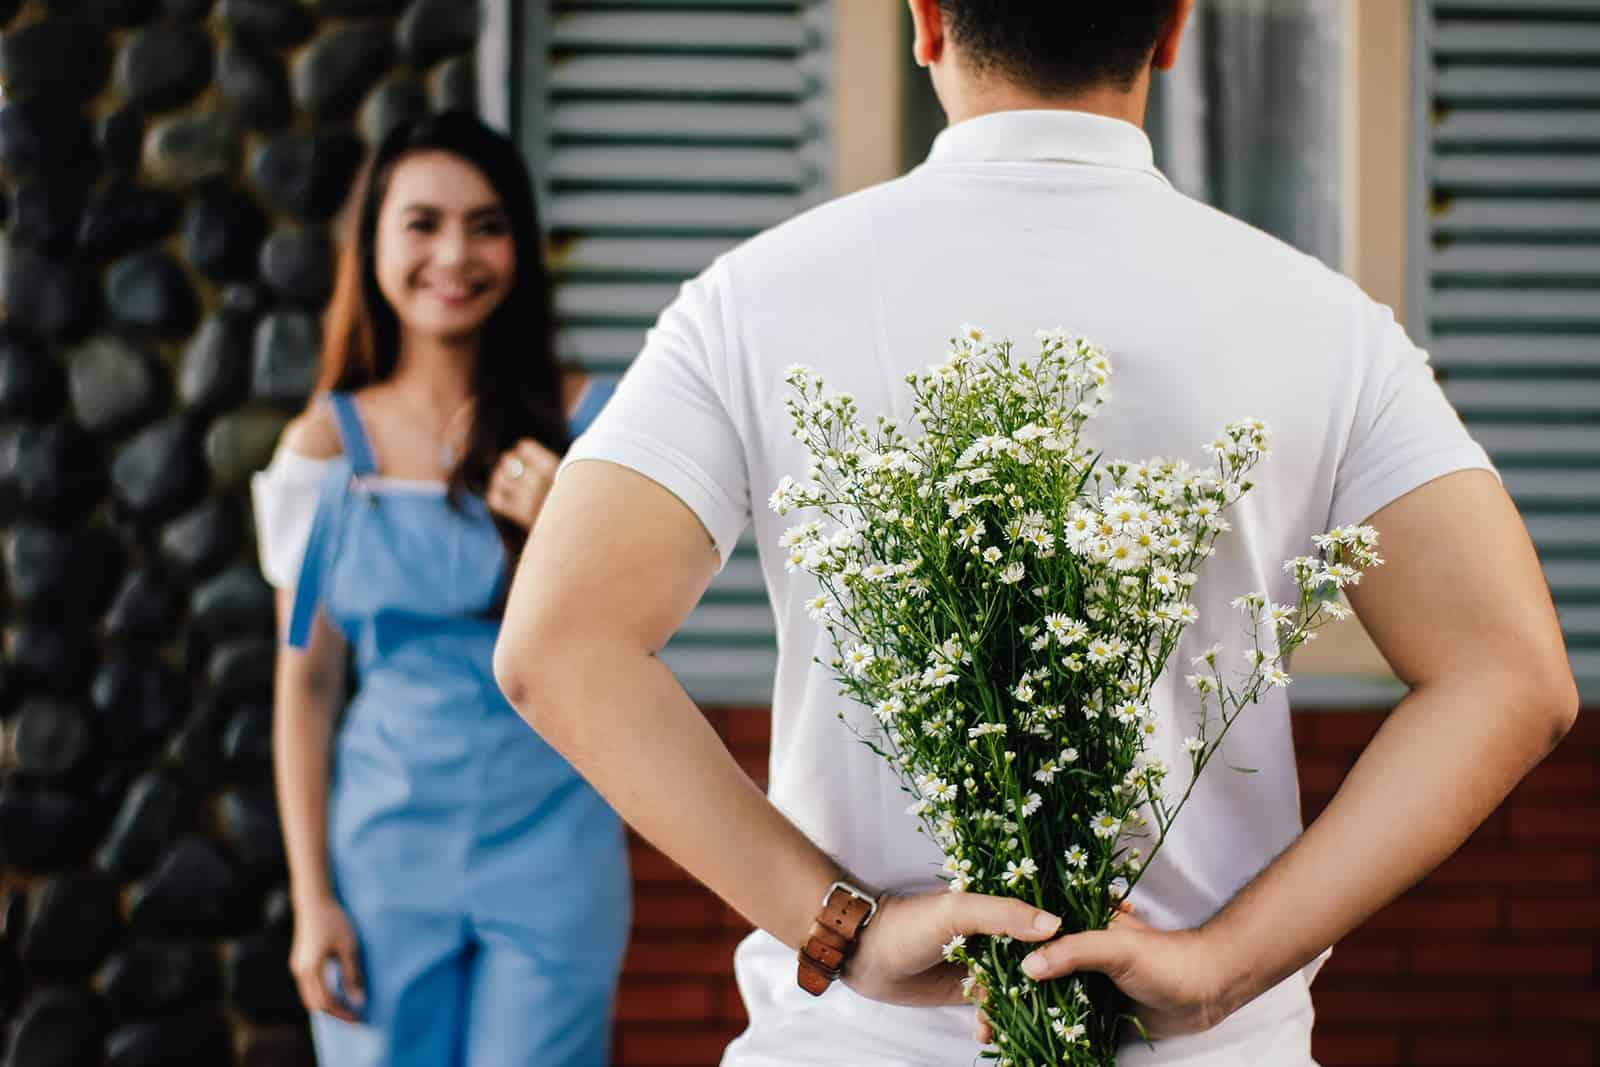 Mann, der einen Blumenstrauß hinter seinem Rücken hält, während er vor lächelnder Frau steht